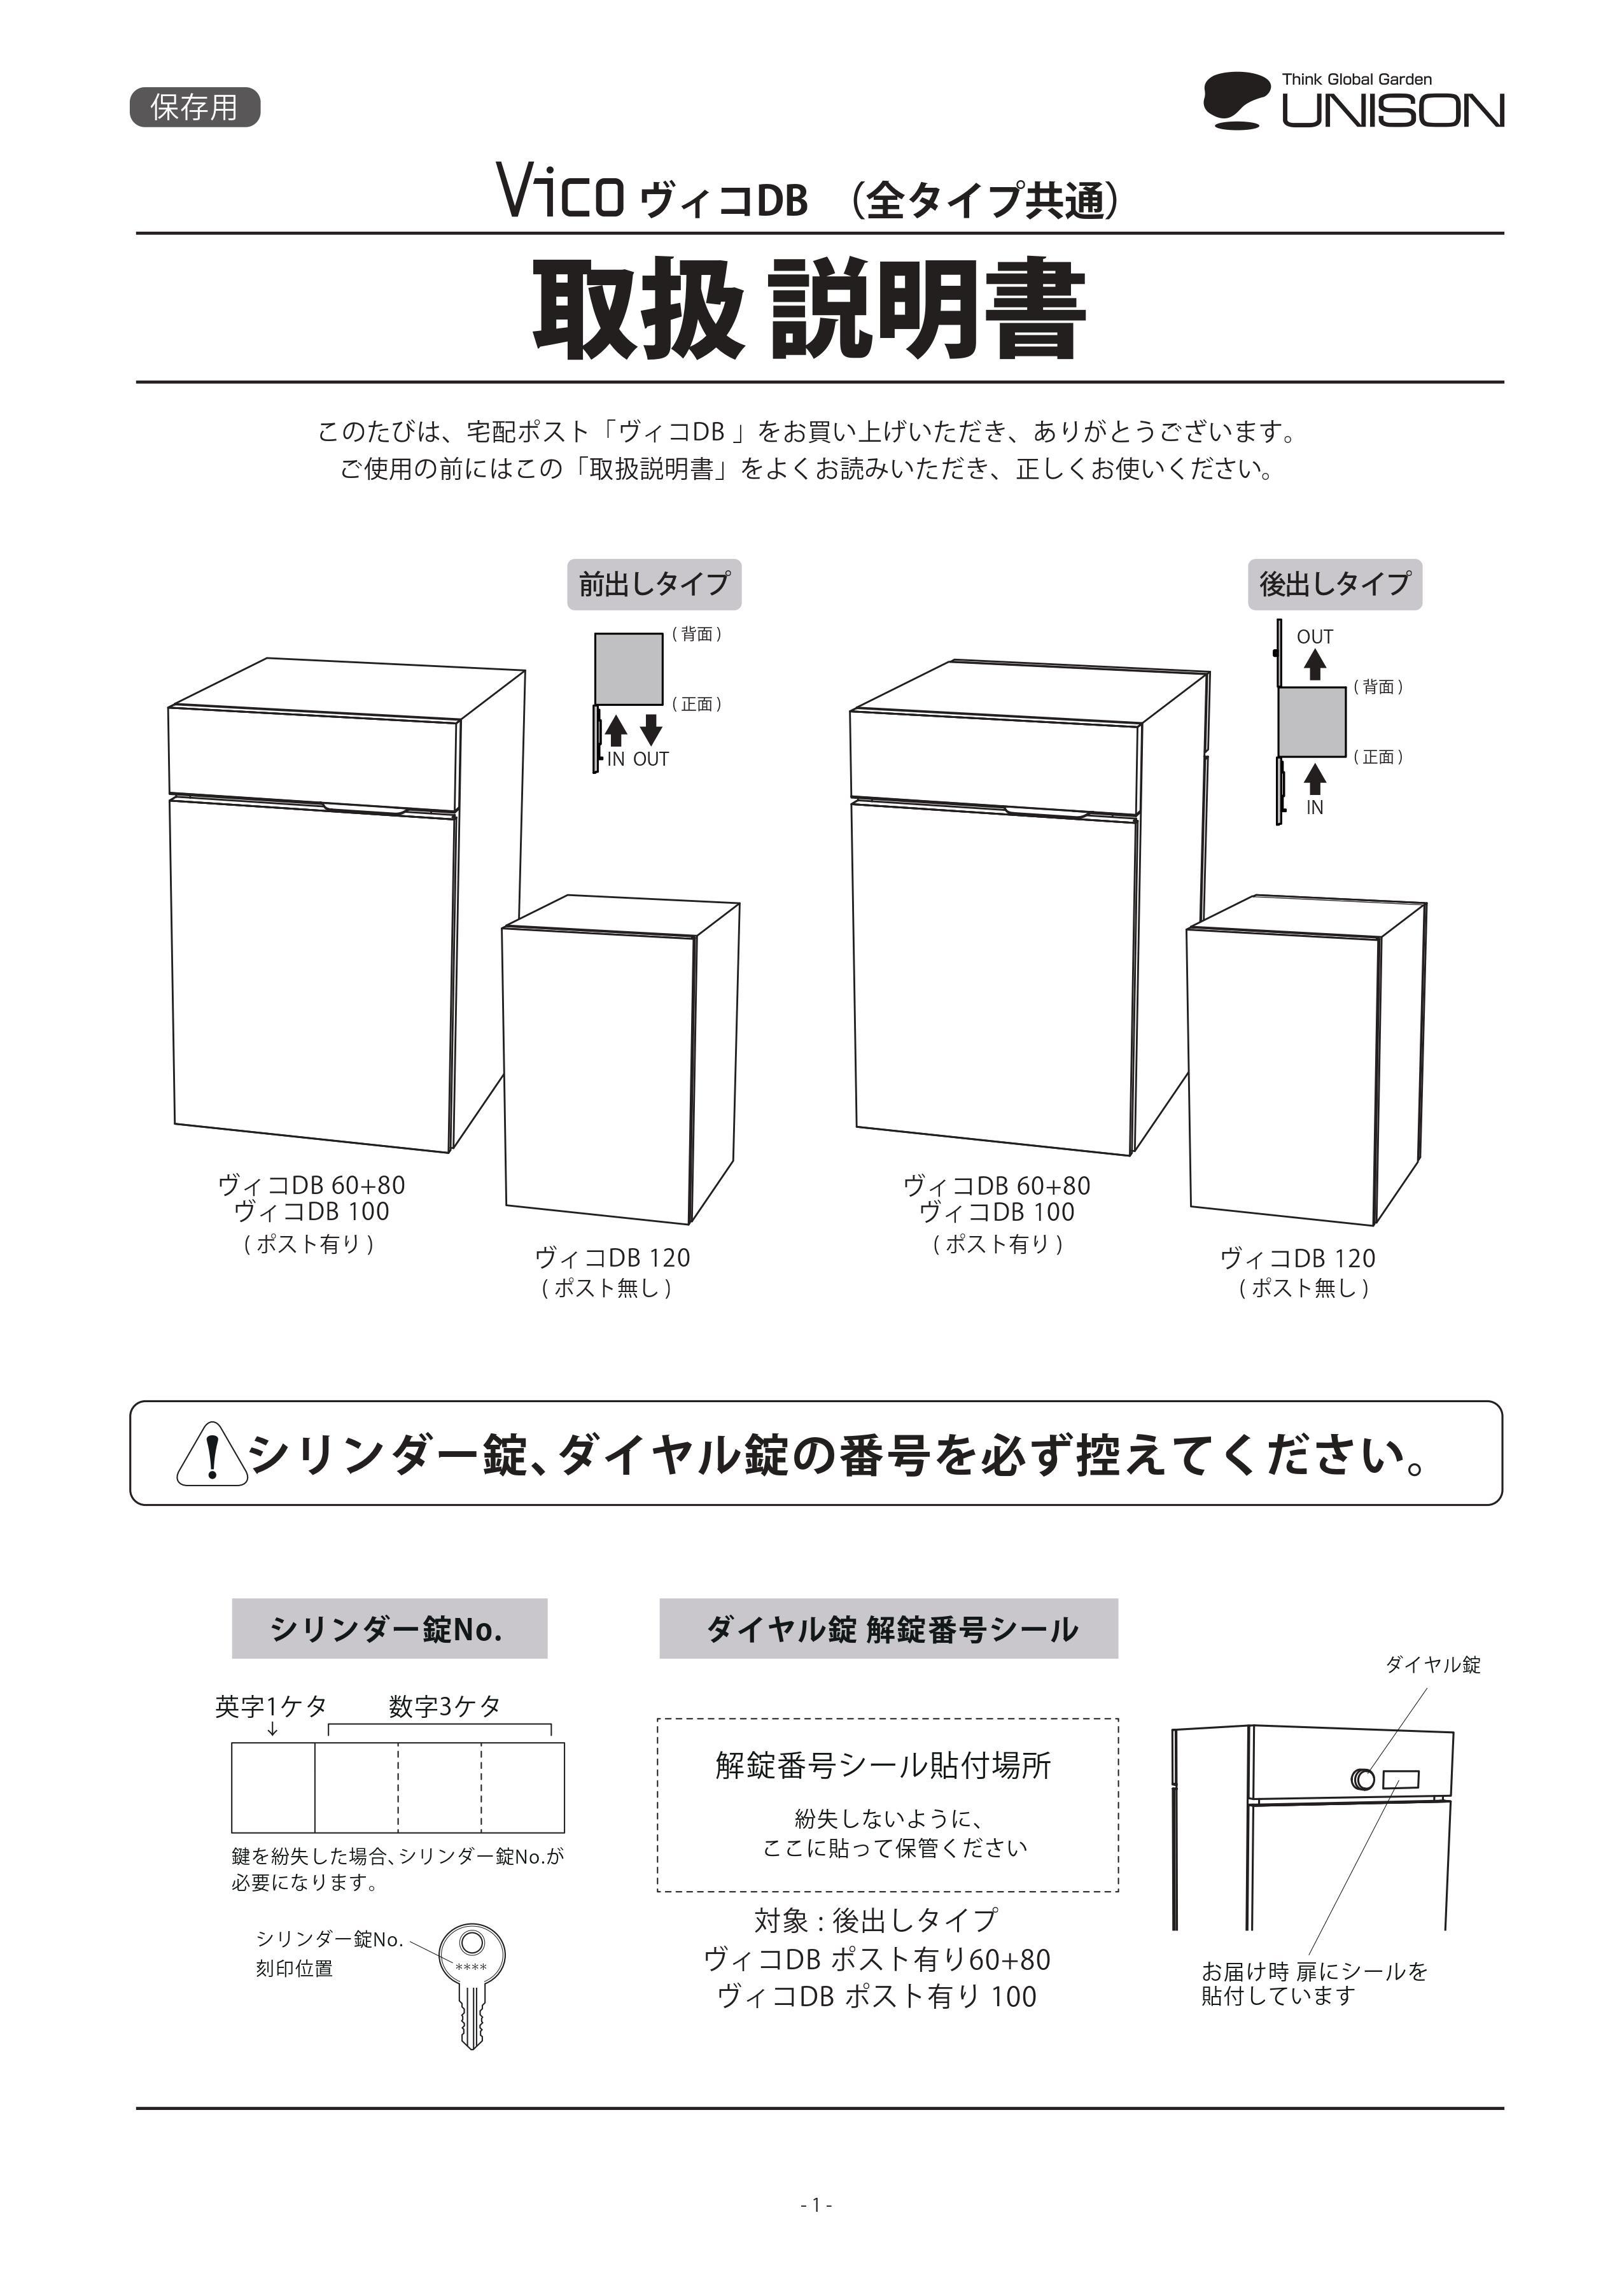 ヴィコDB埋込用台座_取扱説明書 (1)